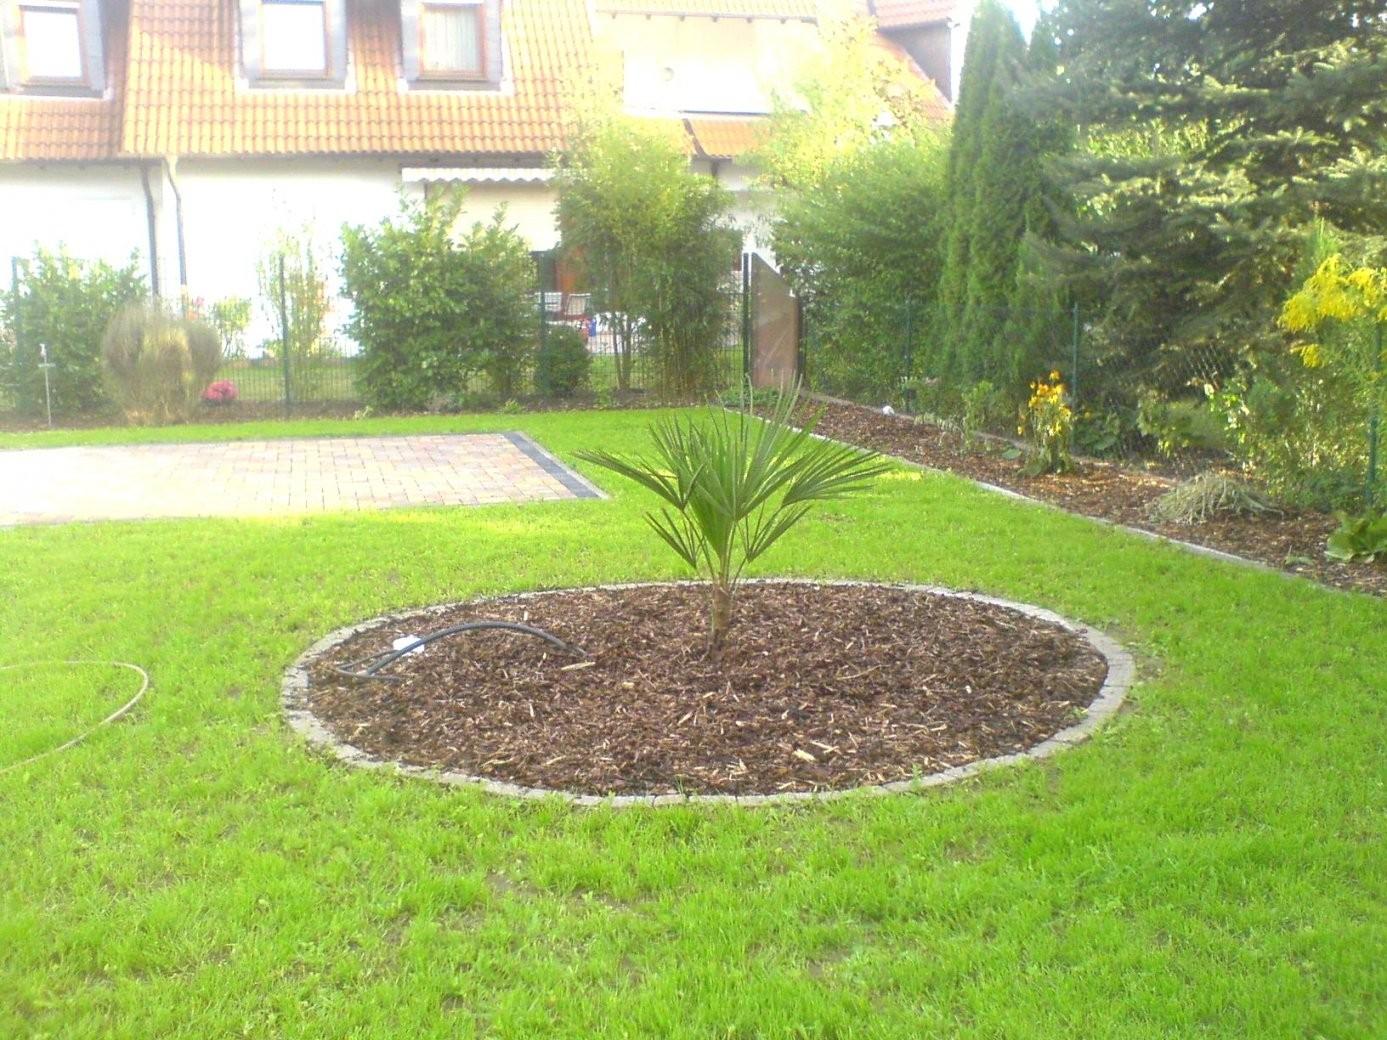 Blumen Garten Neu Anlegen Elegant Garten Neu Anlegen Plan Von Von Vorgarten Gestalten  Mit Kies Und